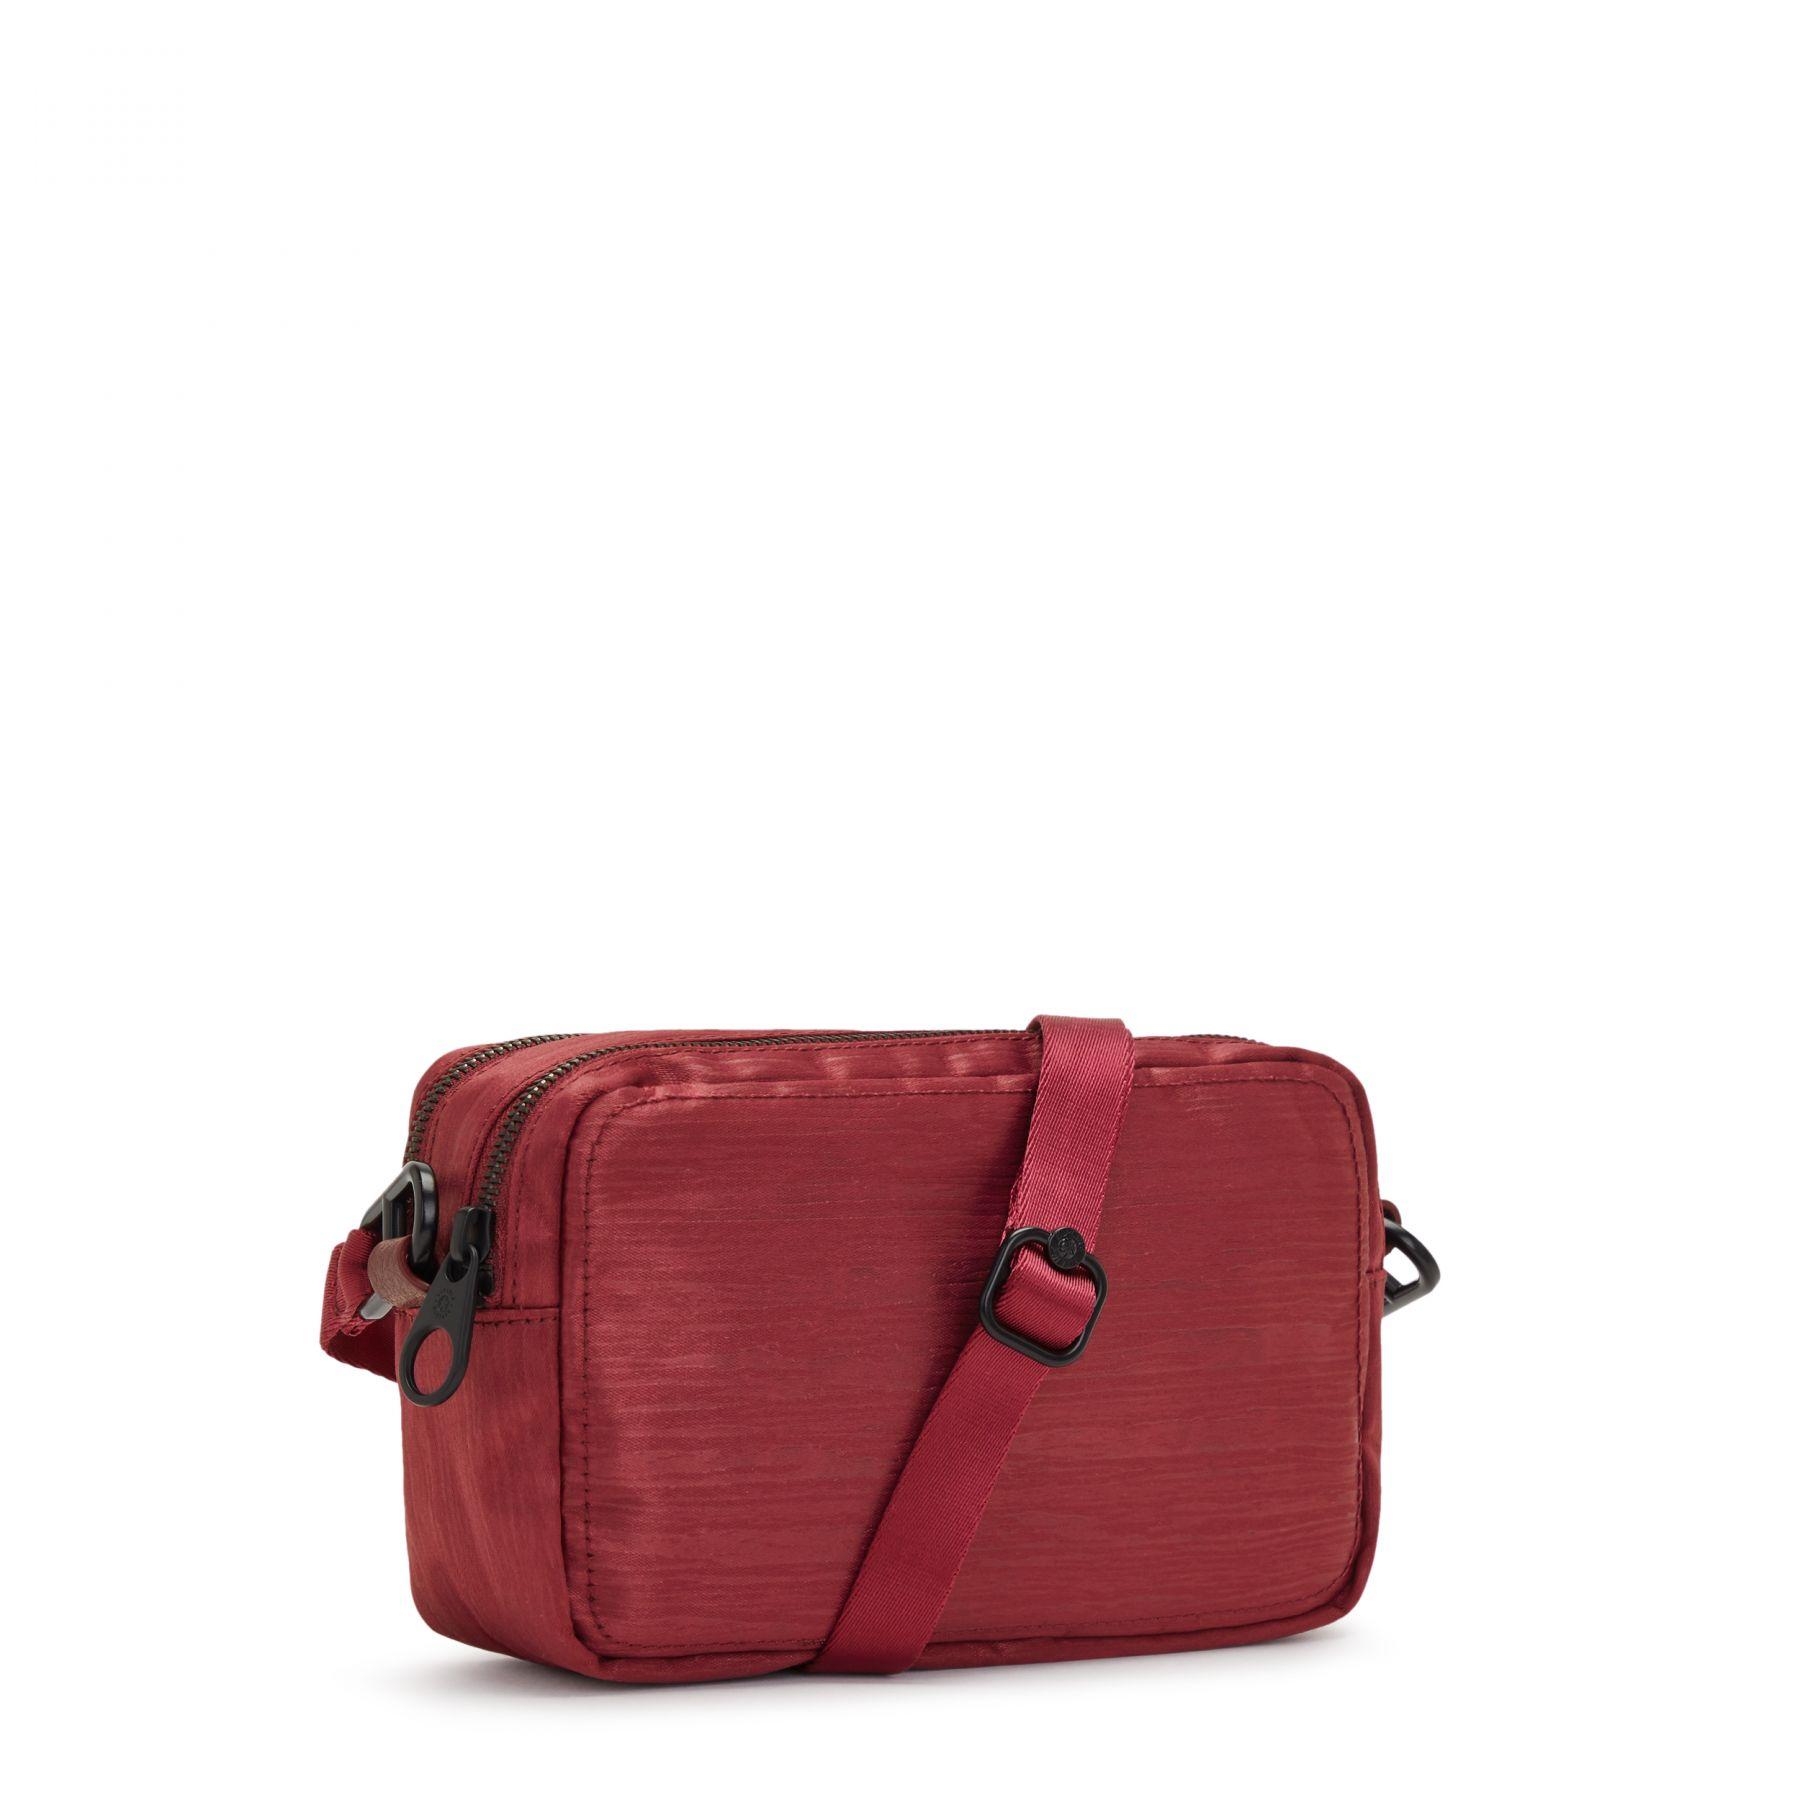 MILDA BAGS by Kipling - Back view